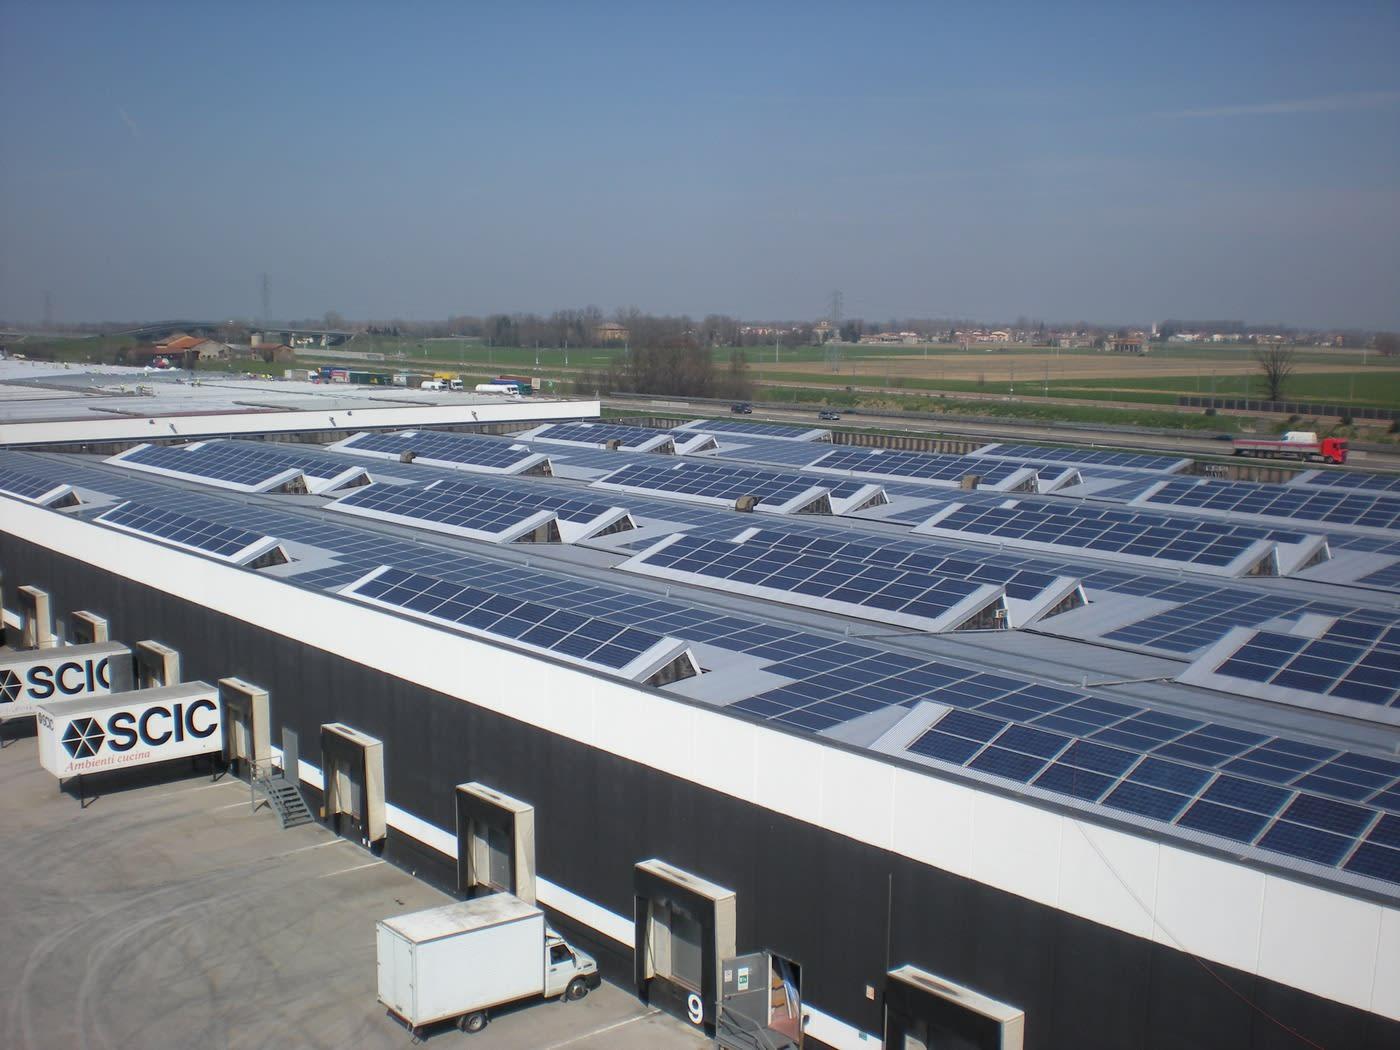 impianto-fotovoltaico-scic-cucine